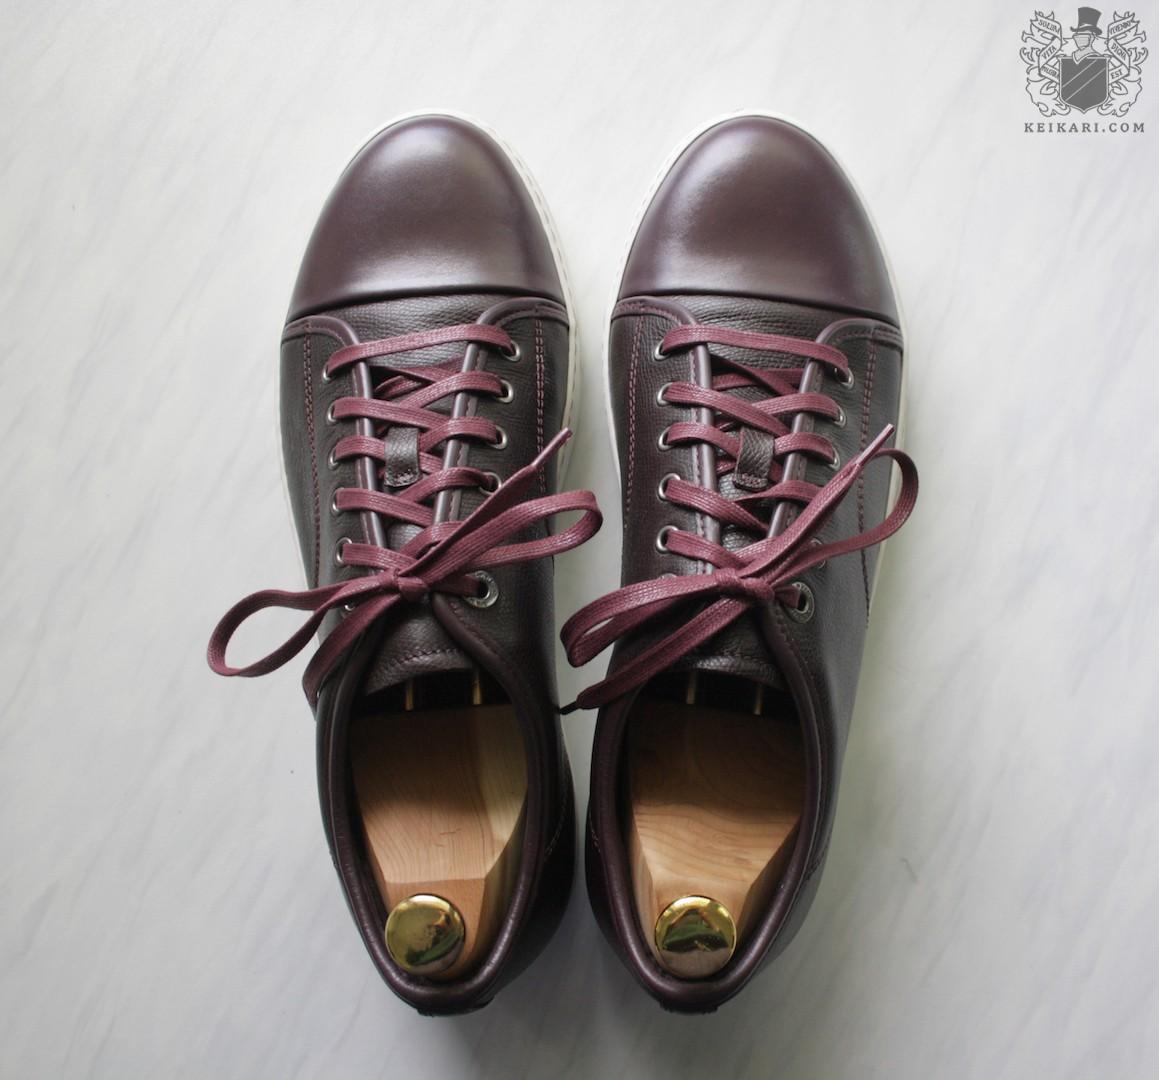 Anatomy_and_review_of_Lanvin_sneakers_at_Keikari_dot_com08.jpg